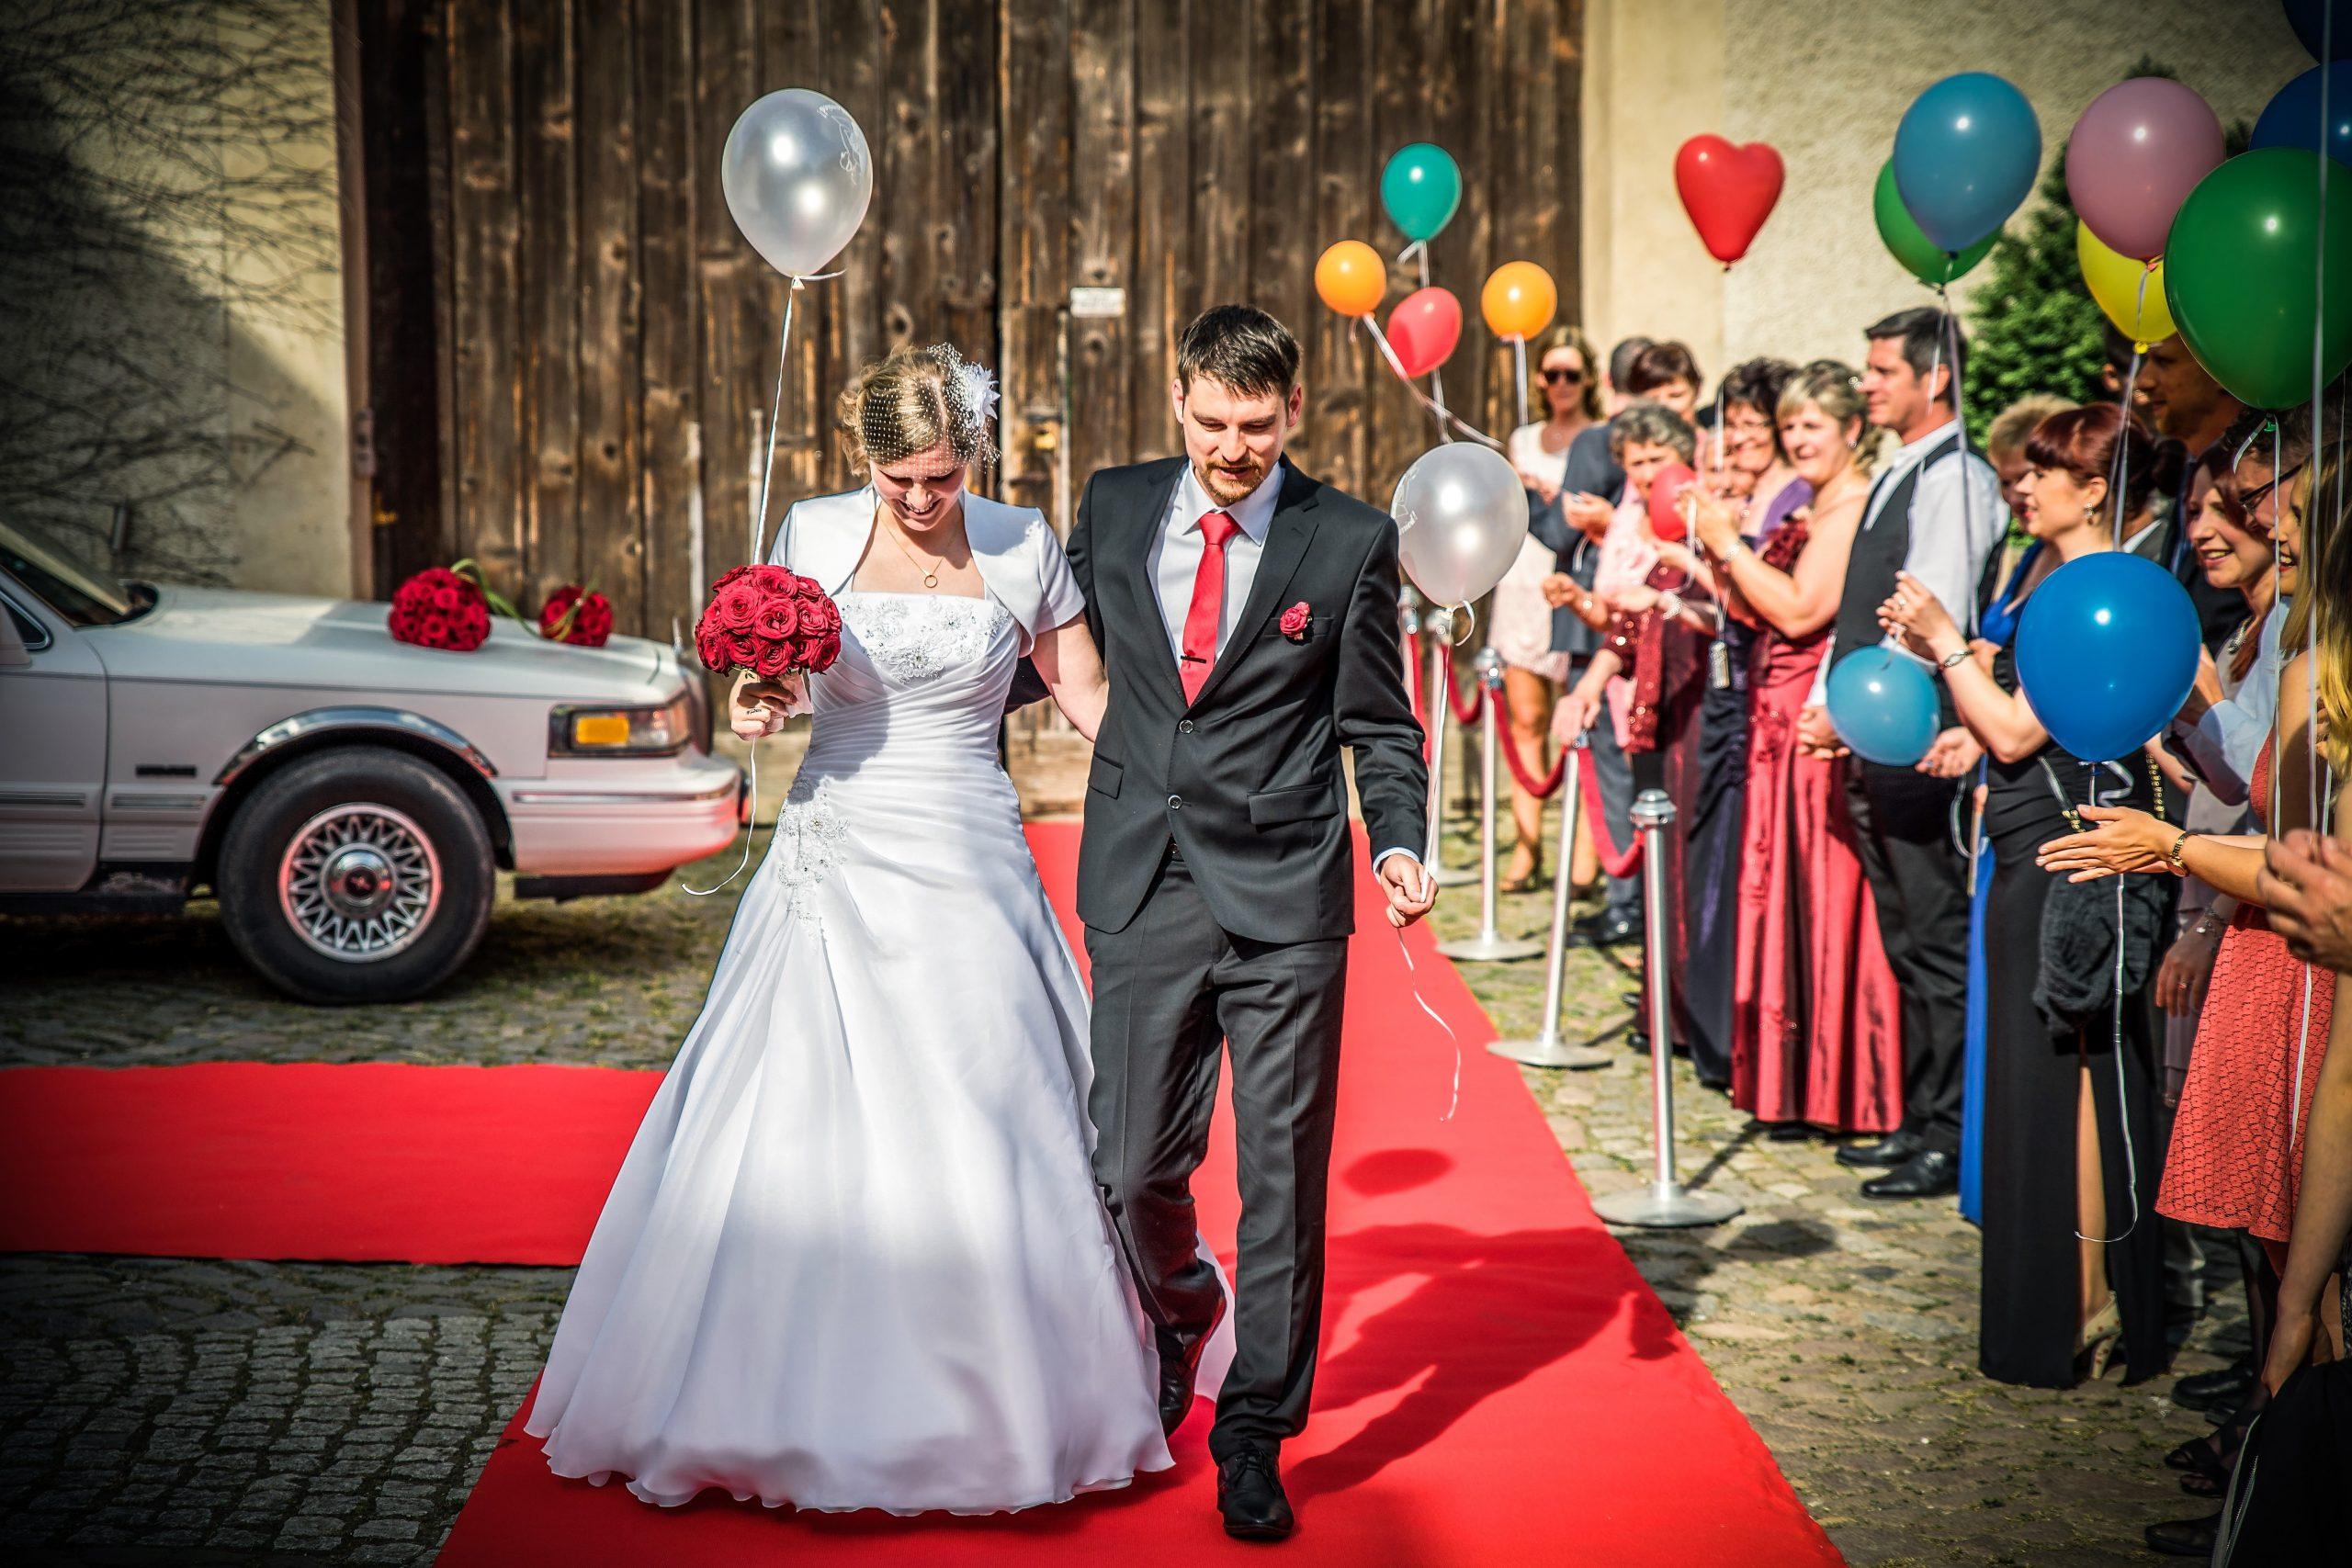 Brautkleider Aus Polen; Kolekcja-Brautmode Zary; Unsere Kunden